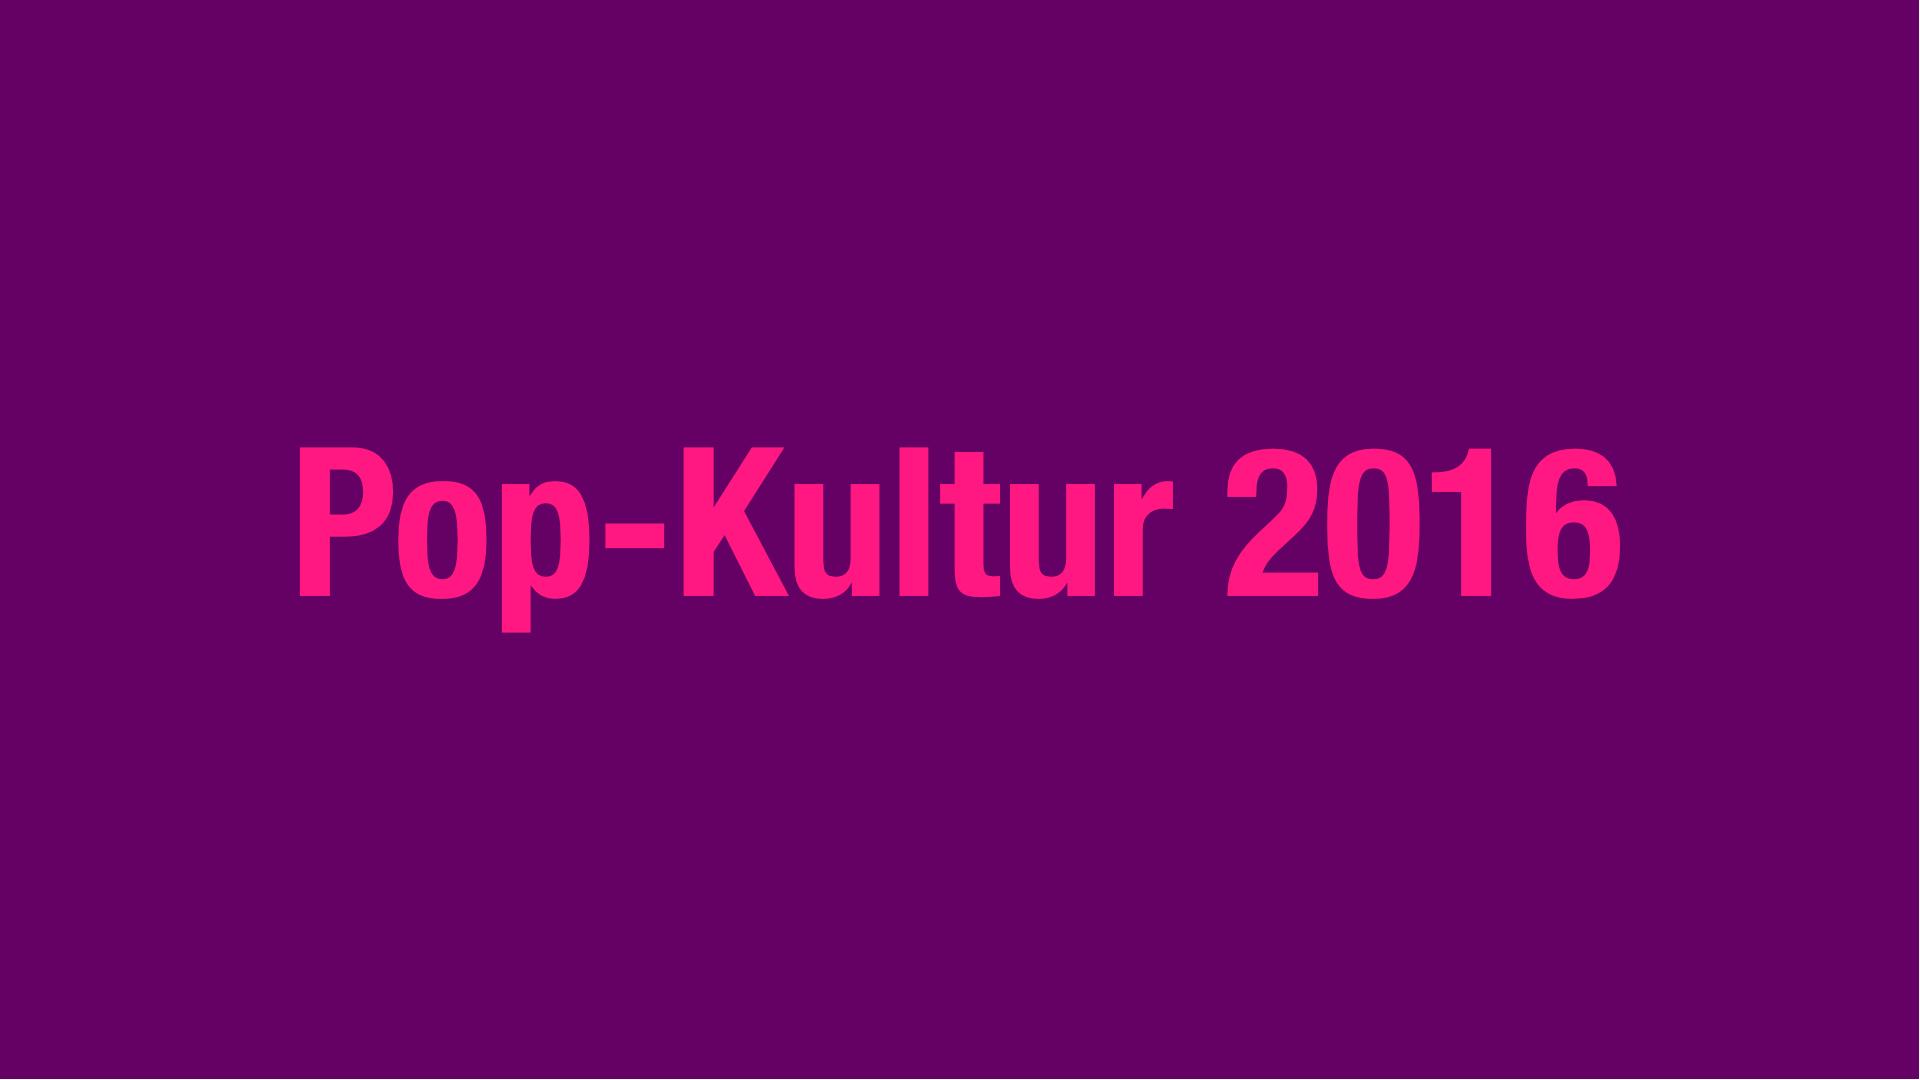 Pop-Kultur 2016